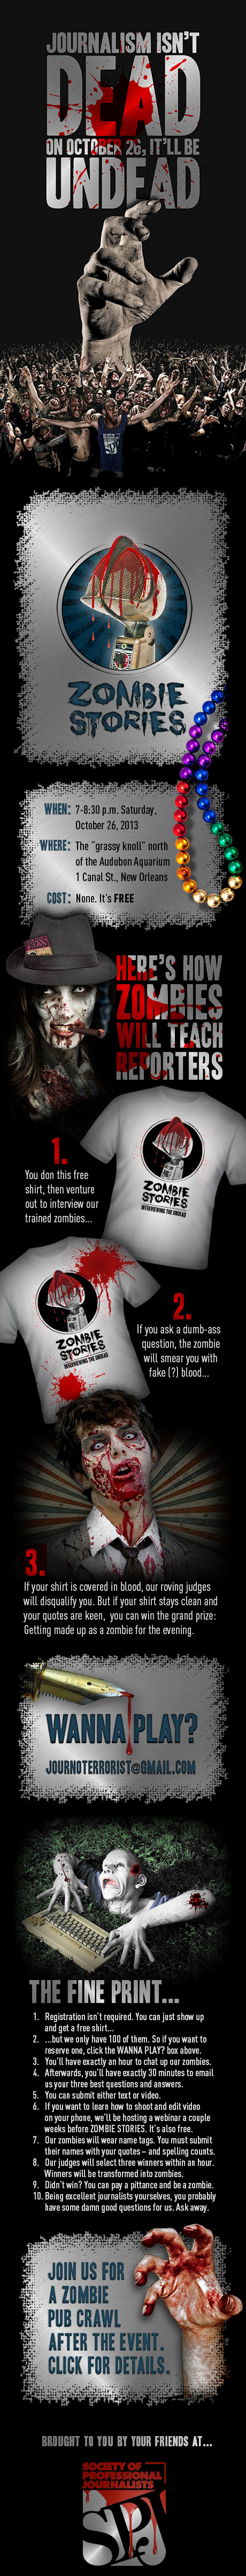 Zombie Stories